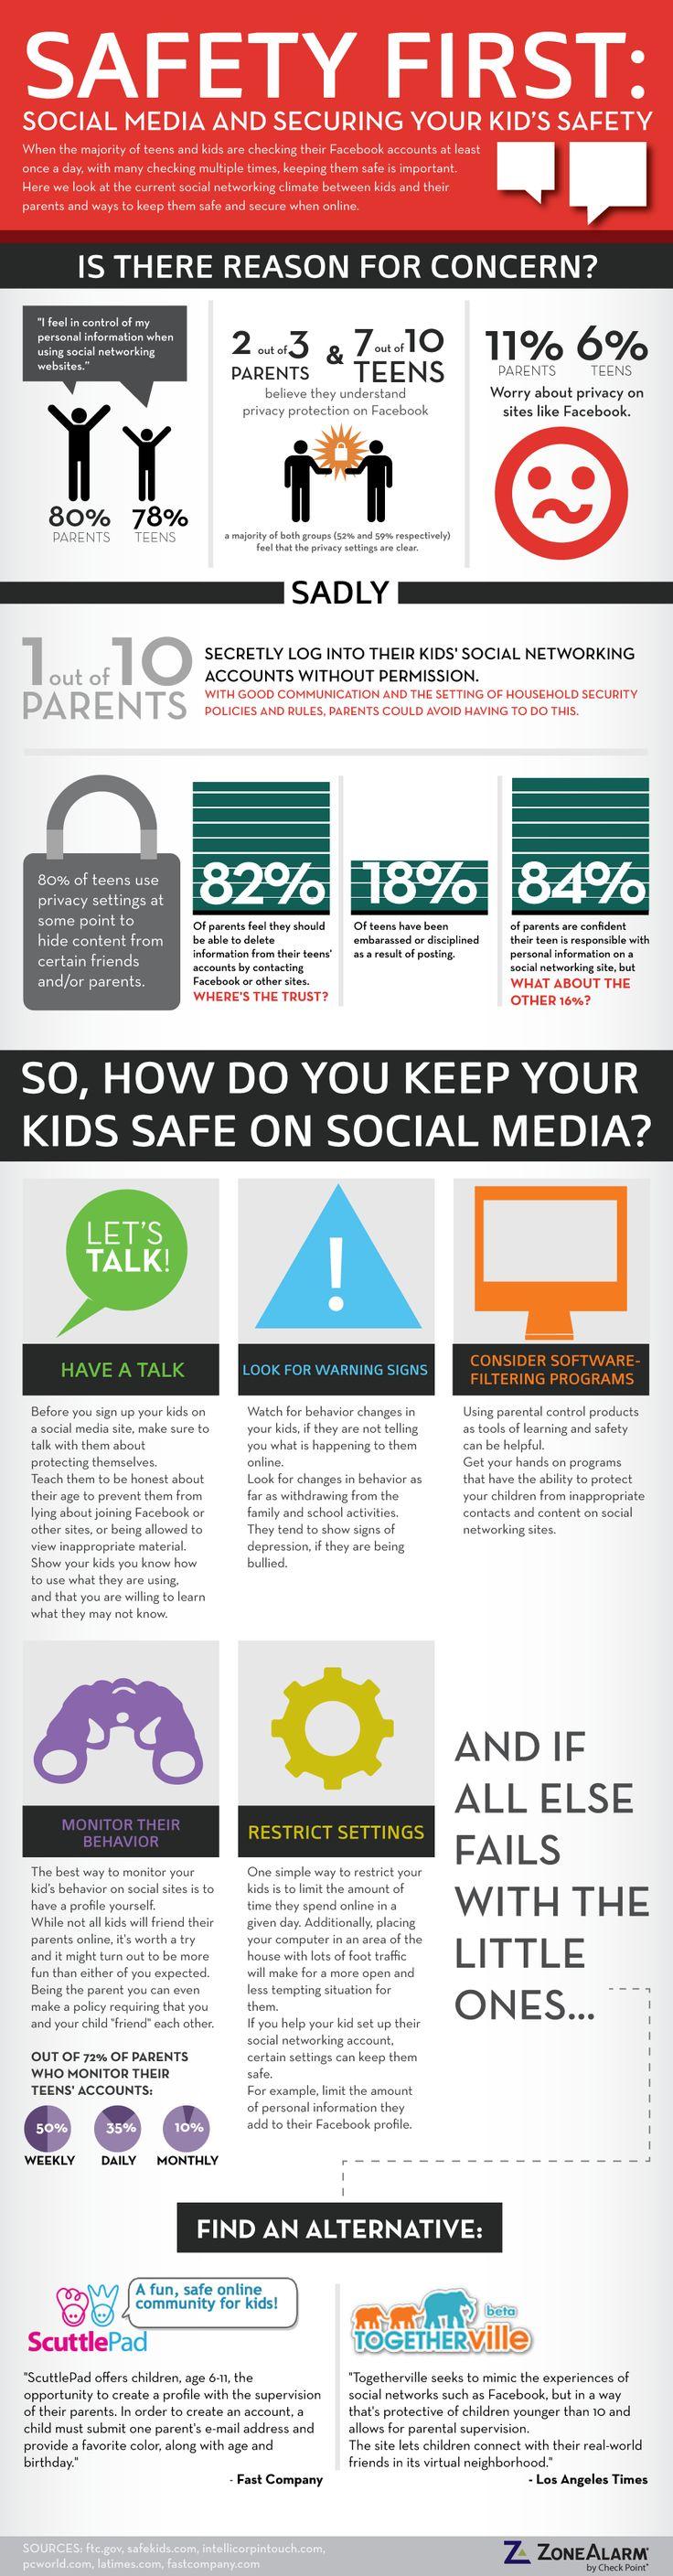 Social Media y seguridad para los niños